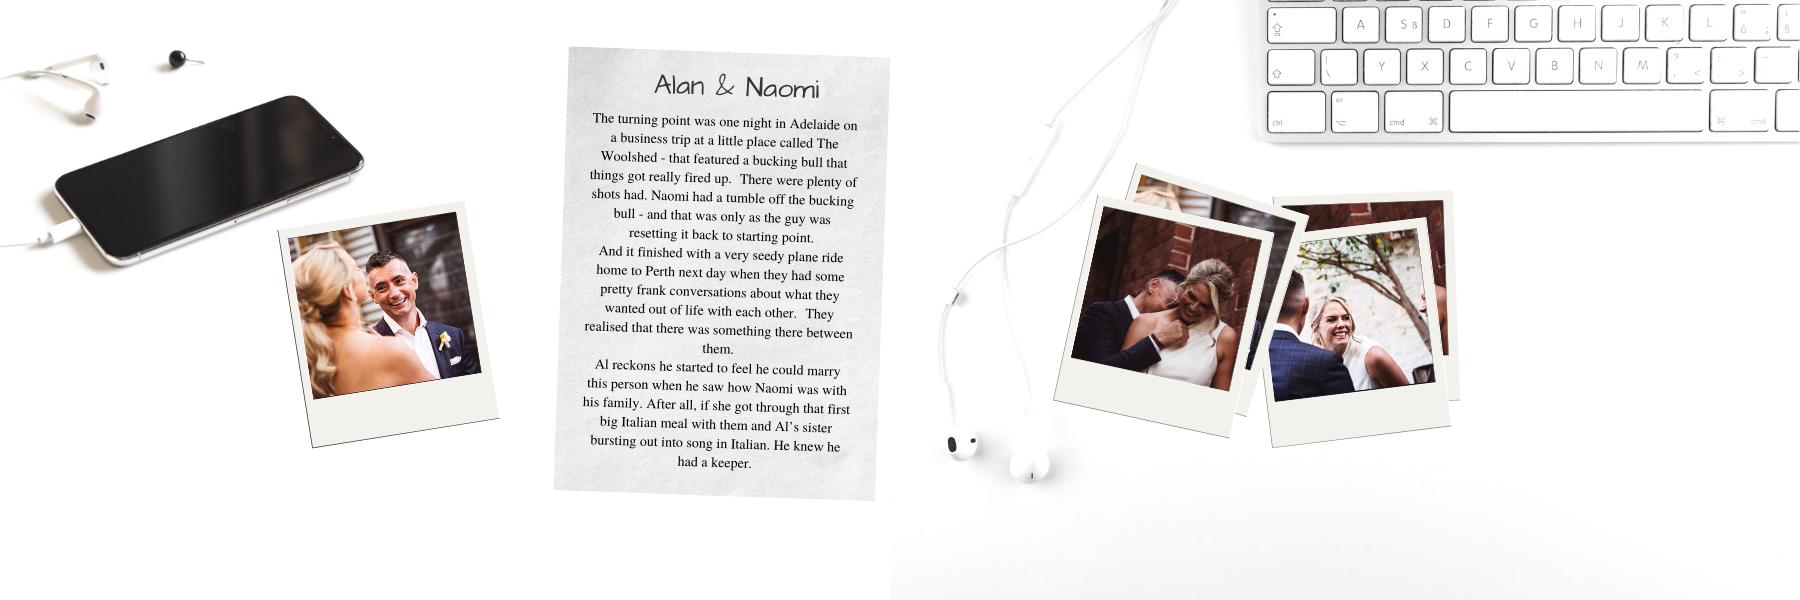 Alan & Naomi.png